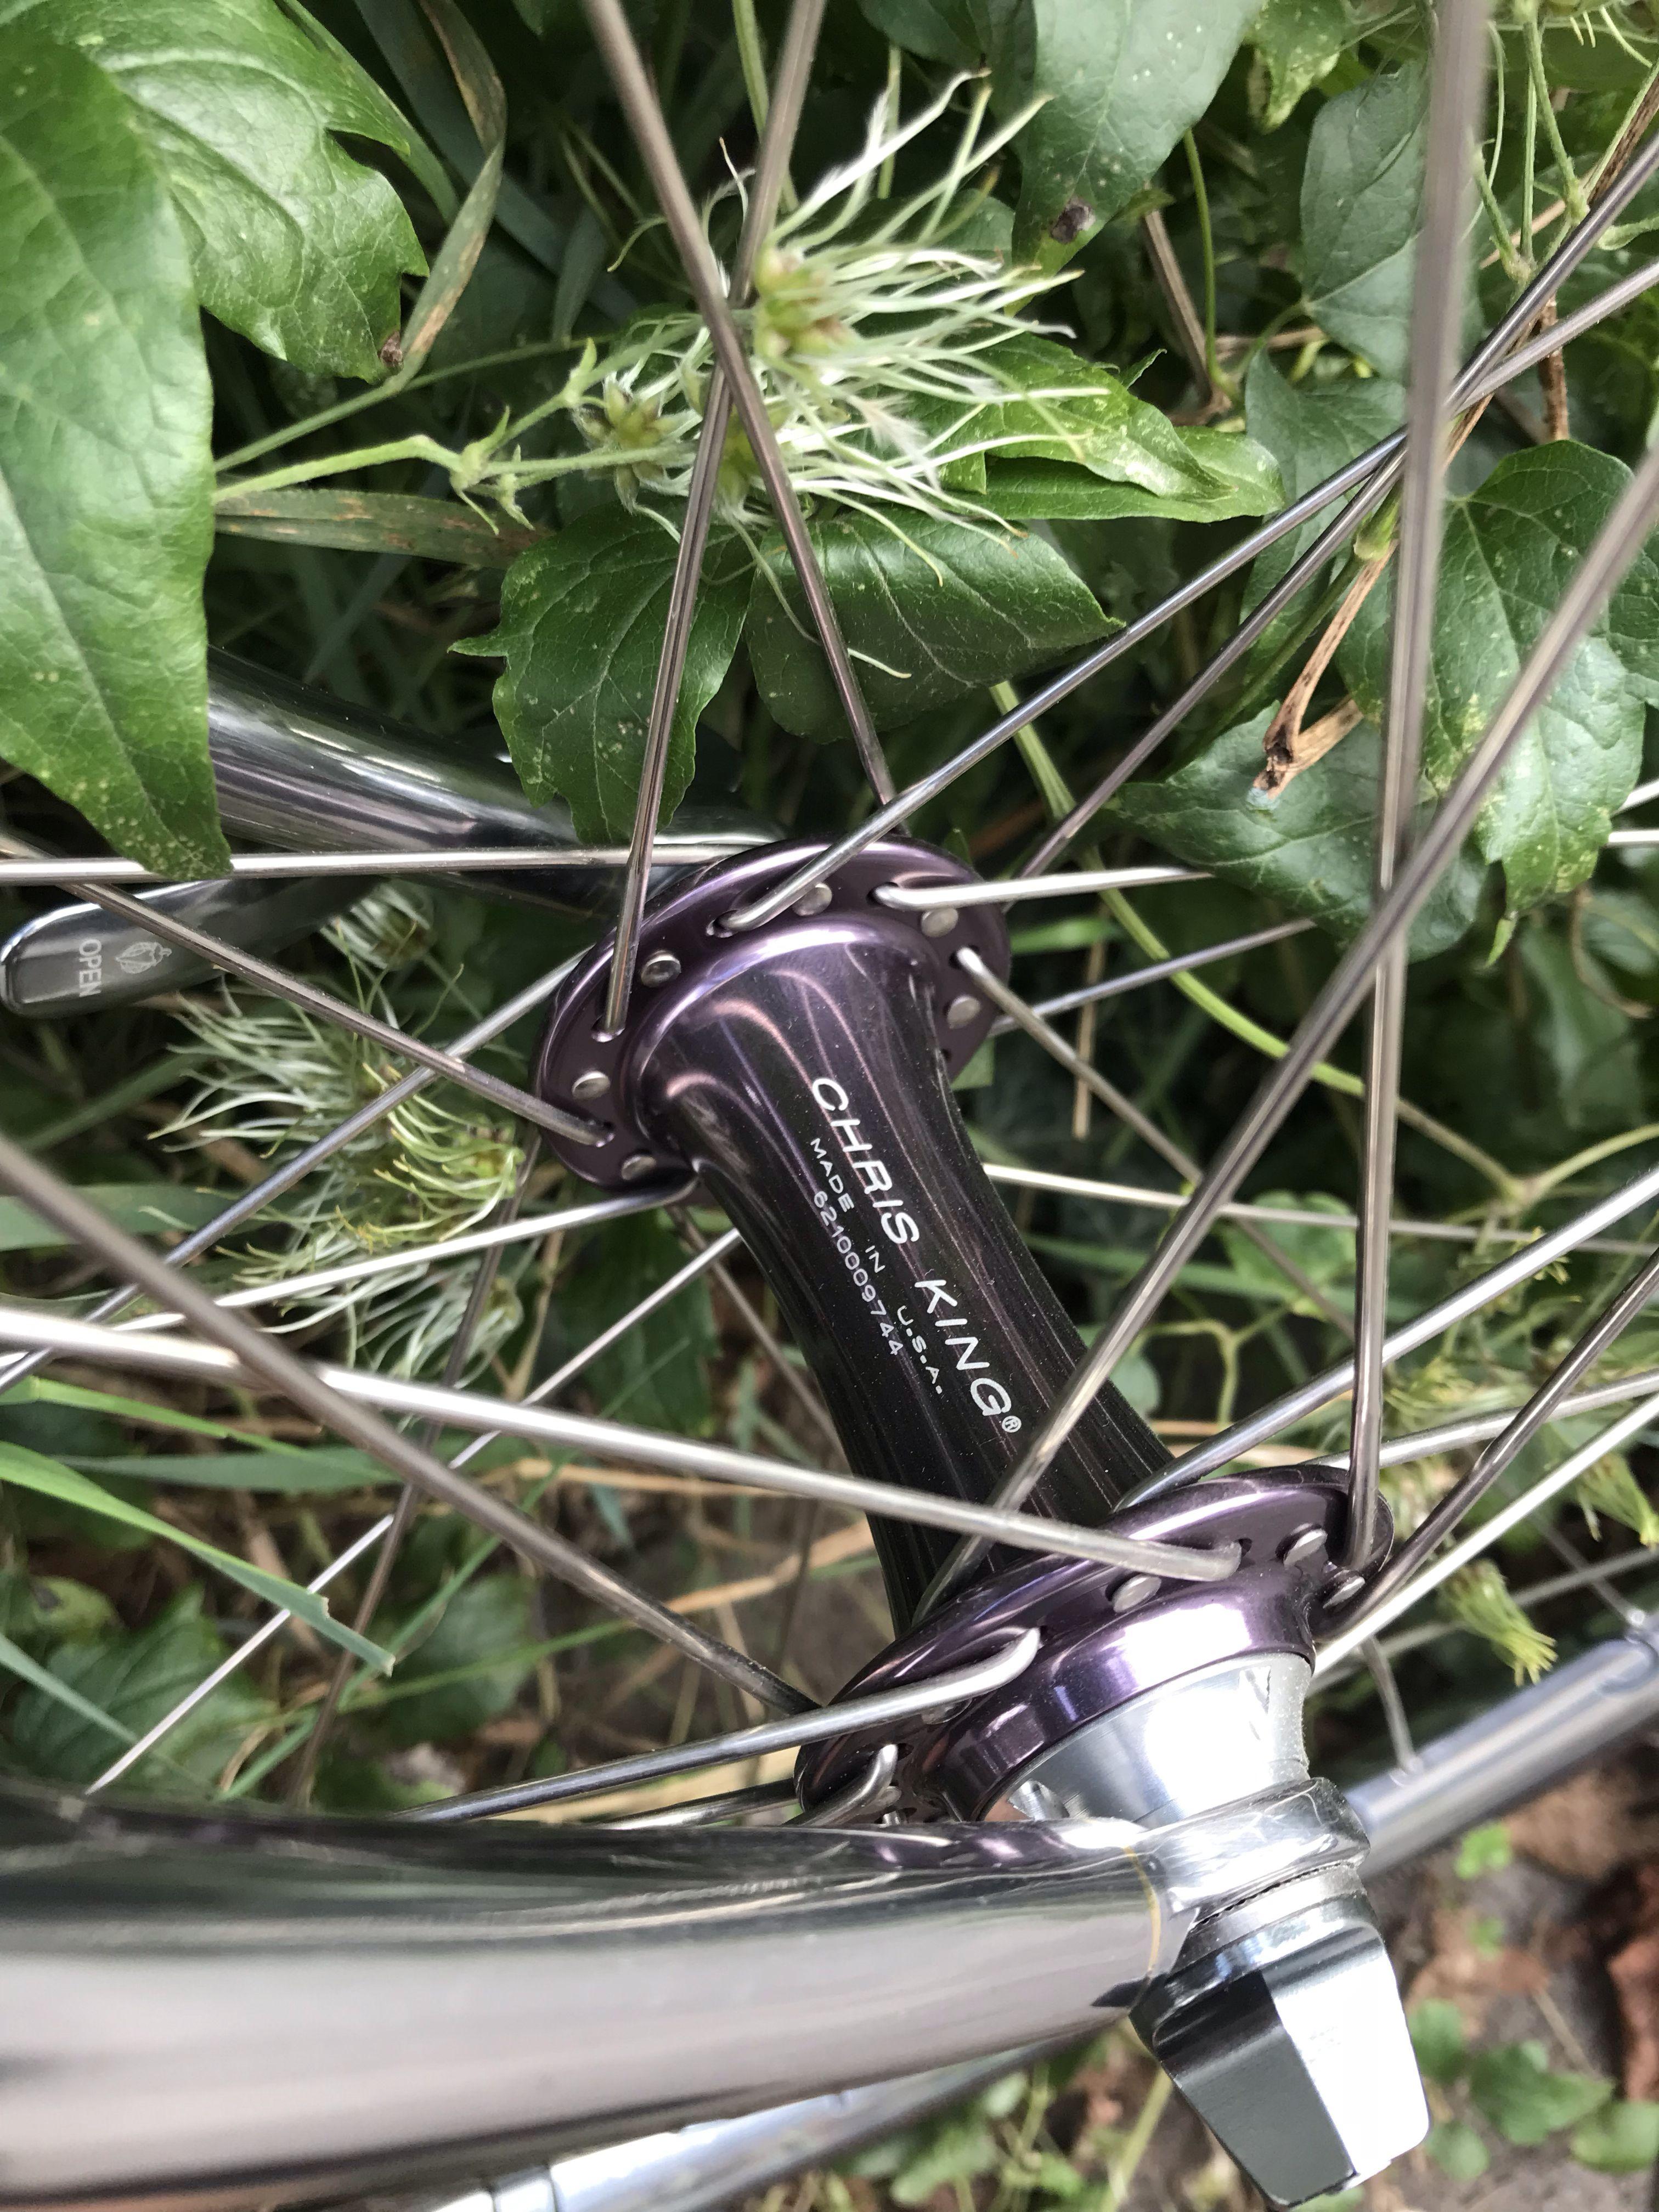 Chris King R45 Vorderradnabe Rad Fahrradzubehor Ersatzteile